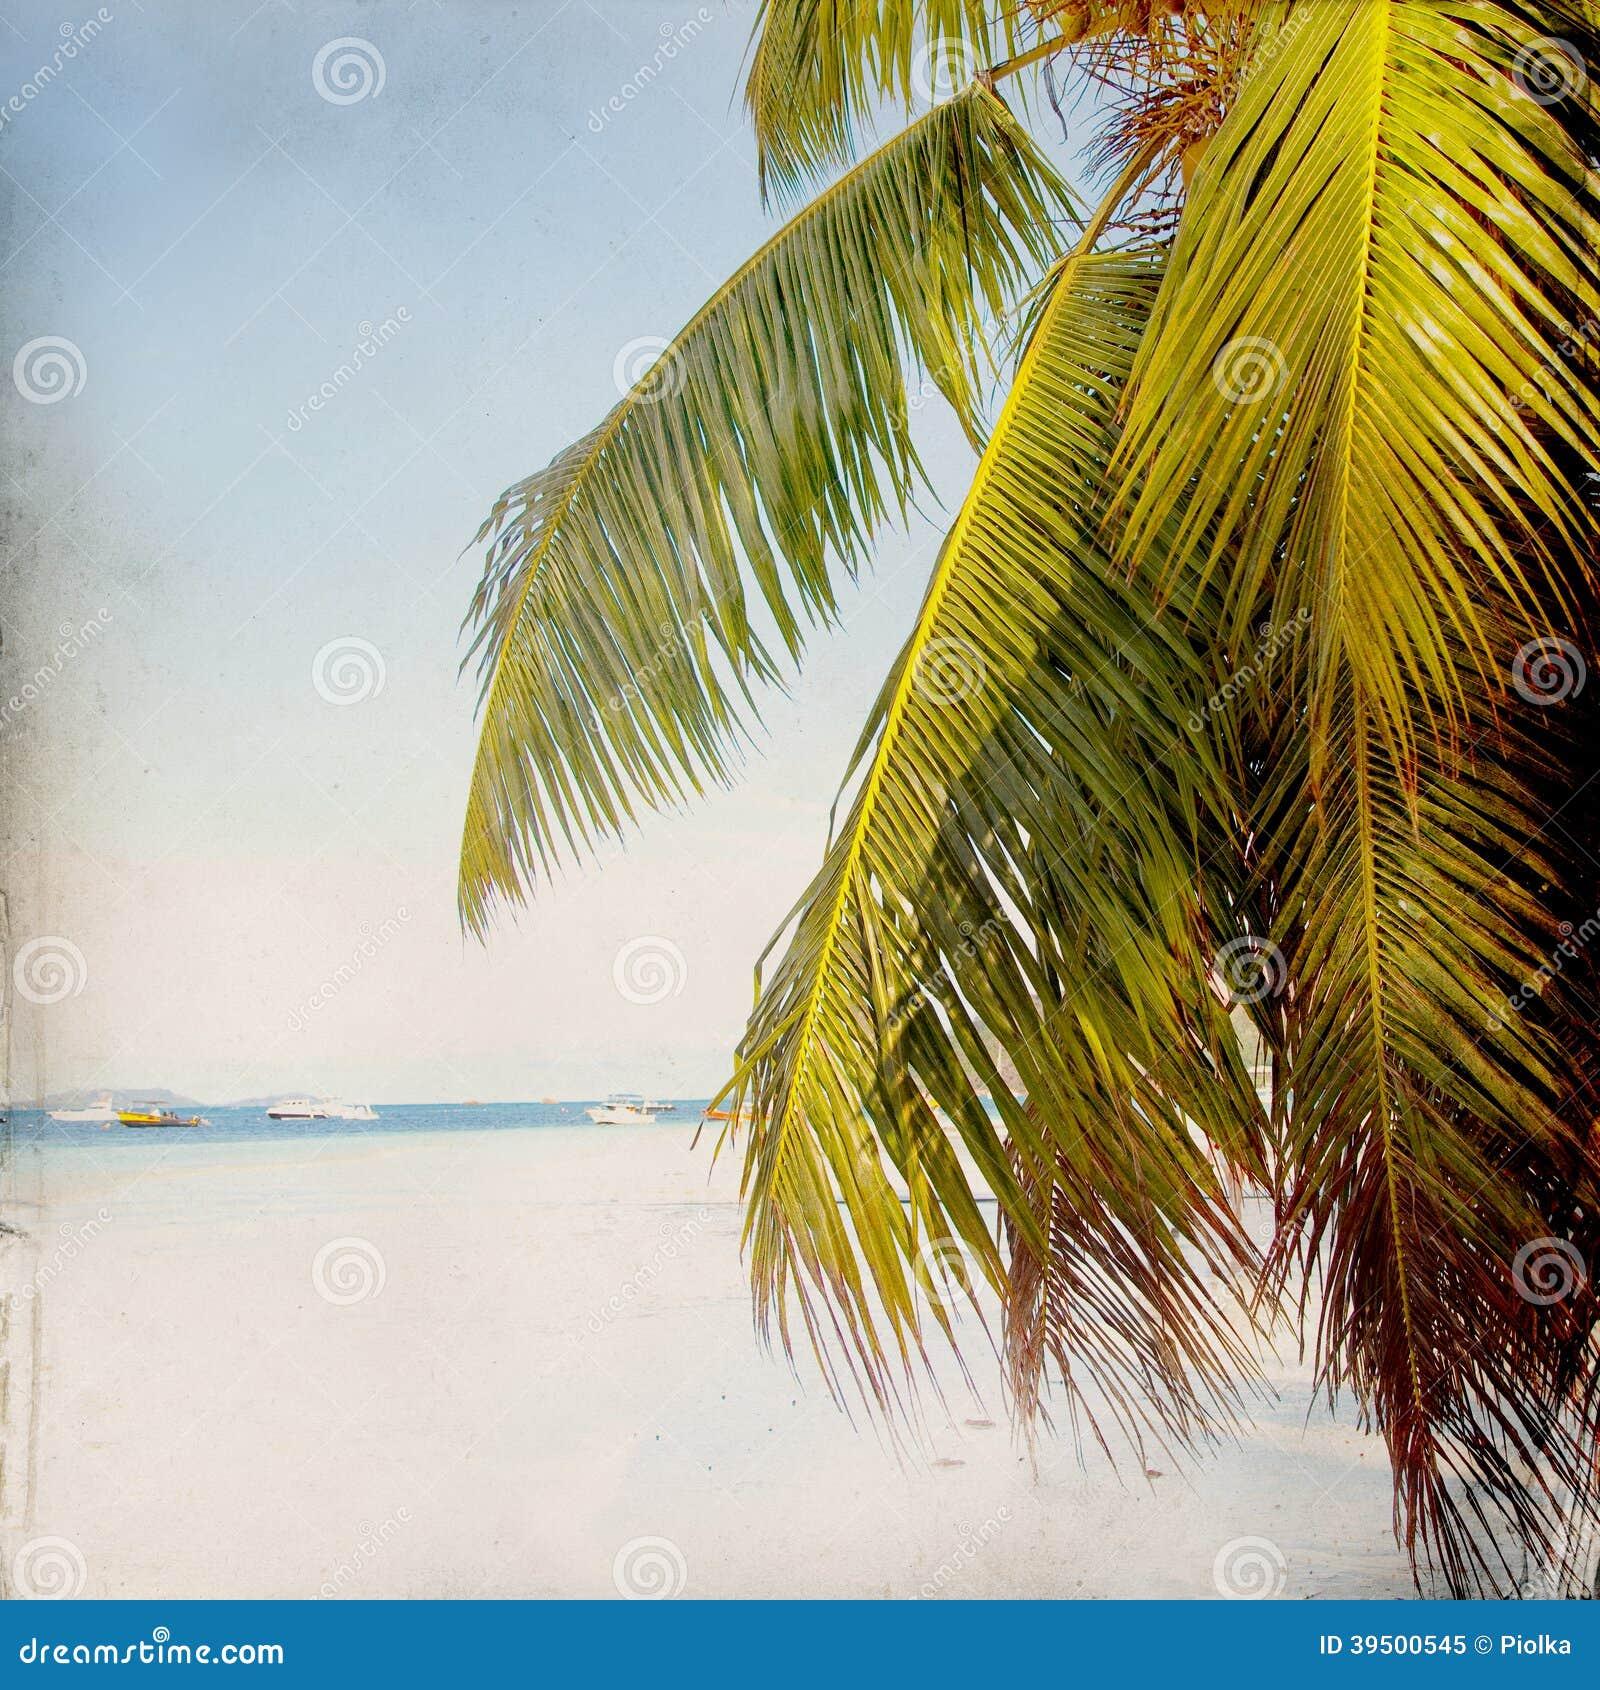 Dream Beach Grunge Background